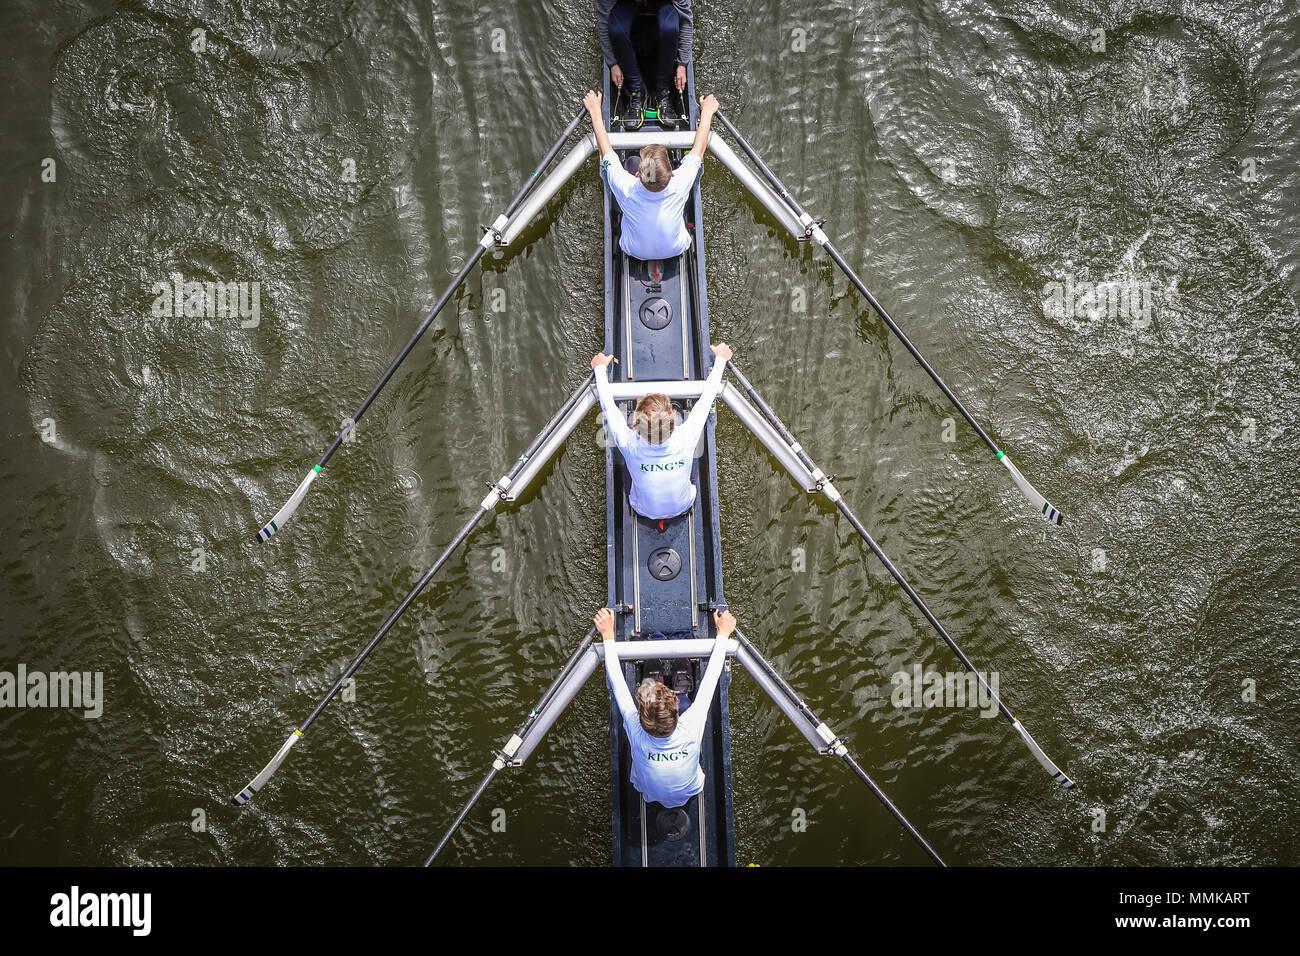 Frais généraux ou birdseye view of bateau à rames, rivière Severn Shrewsbury UK Banque D'Images